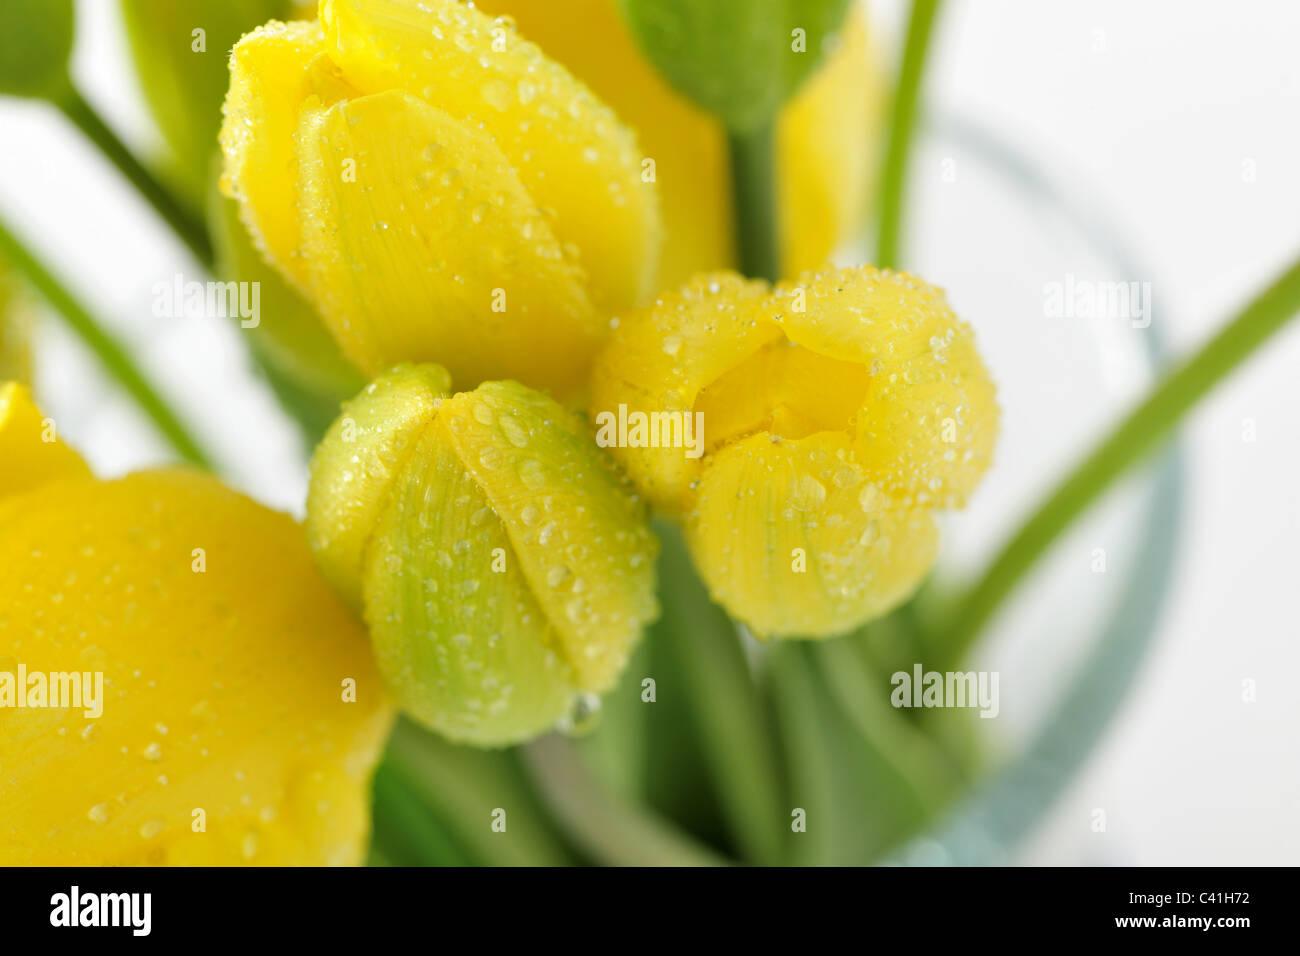 Bellezza, dettaglio, fiori, petali, singolo, stil vita, tulipani,sfondo, bella, bellezza, fioritura, blossom, blu, Immagini Stock